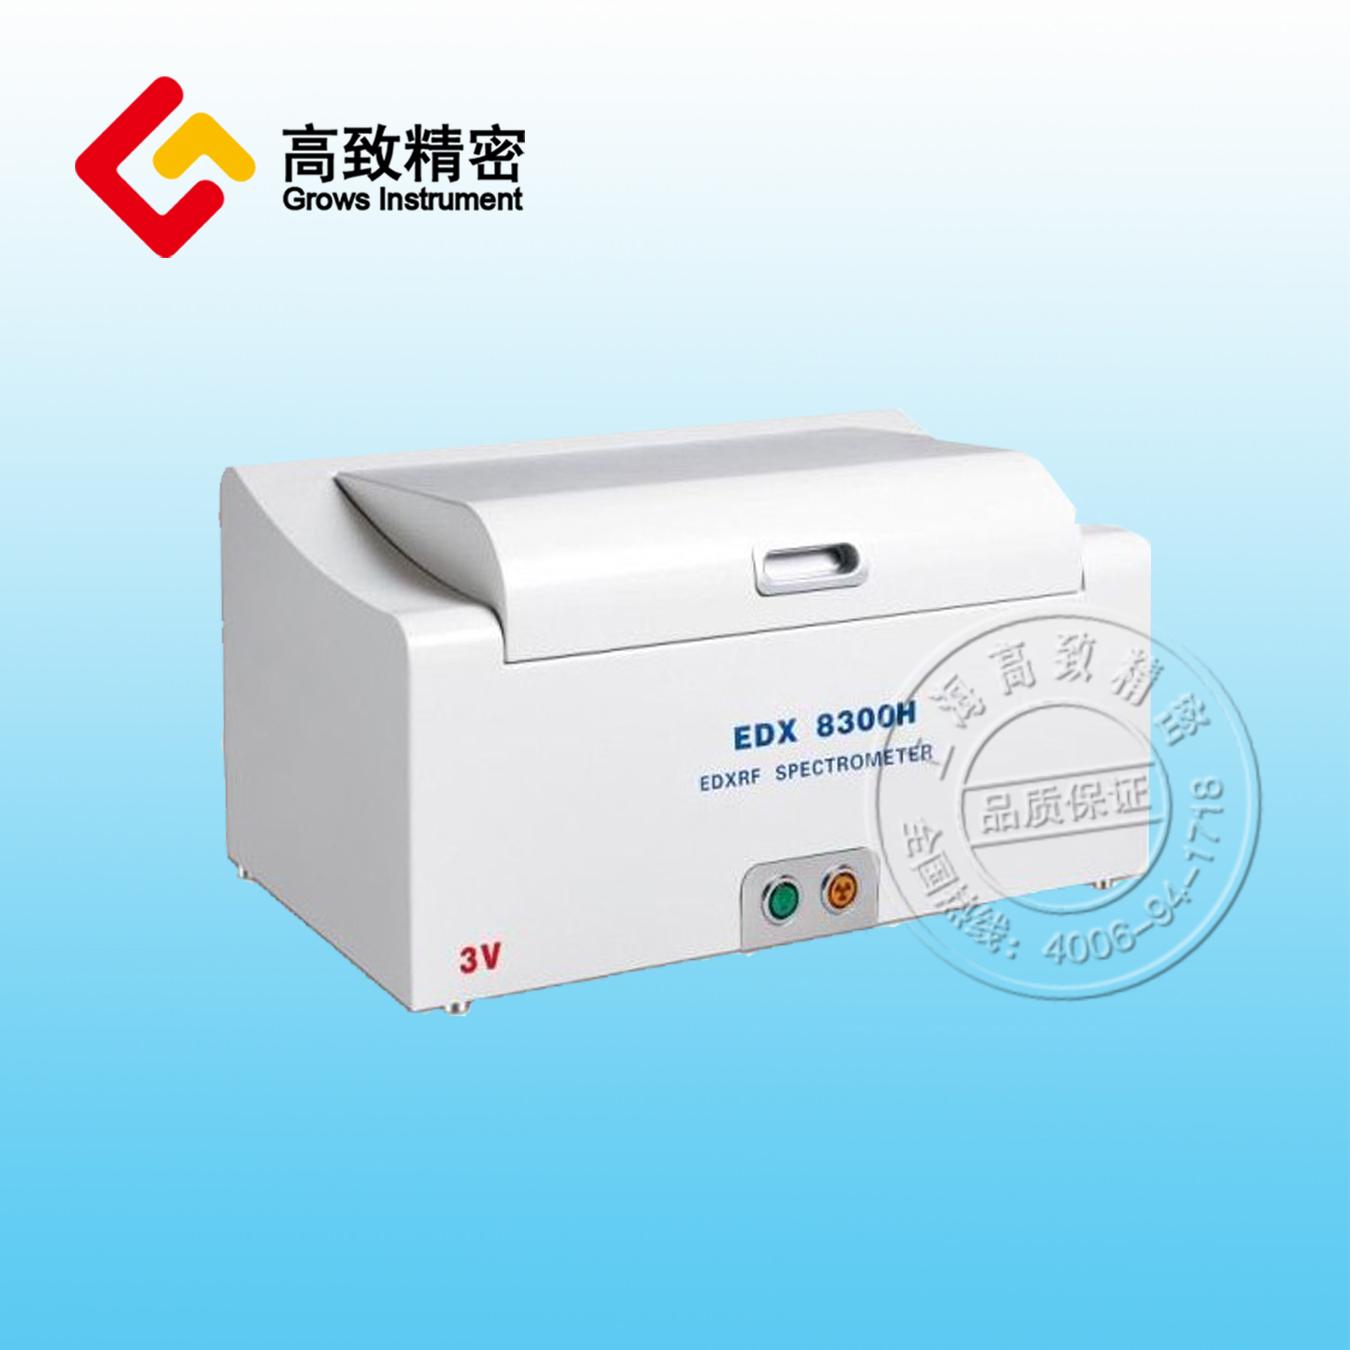 能量色散X荧光光谱仪EDX8300H (真空型)